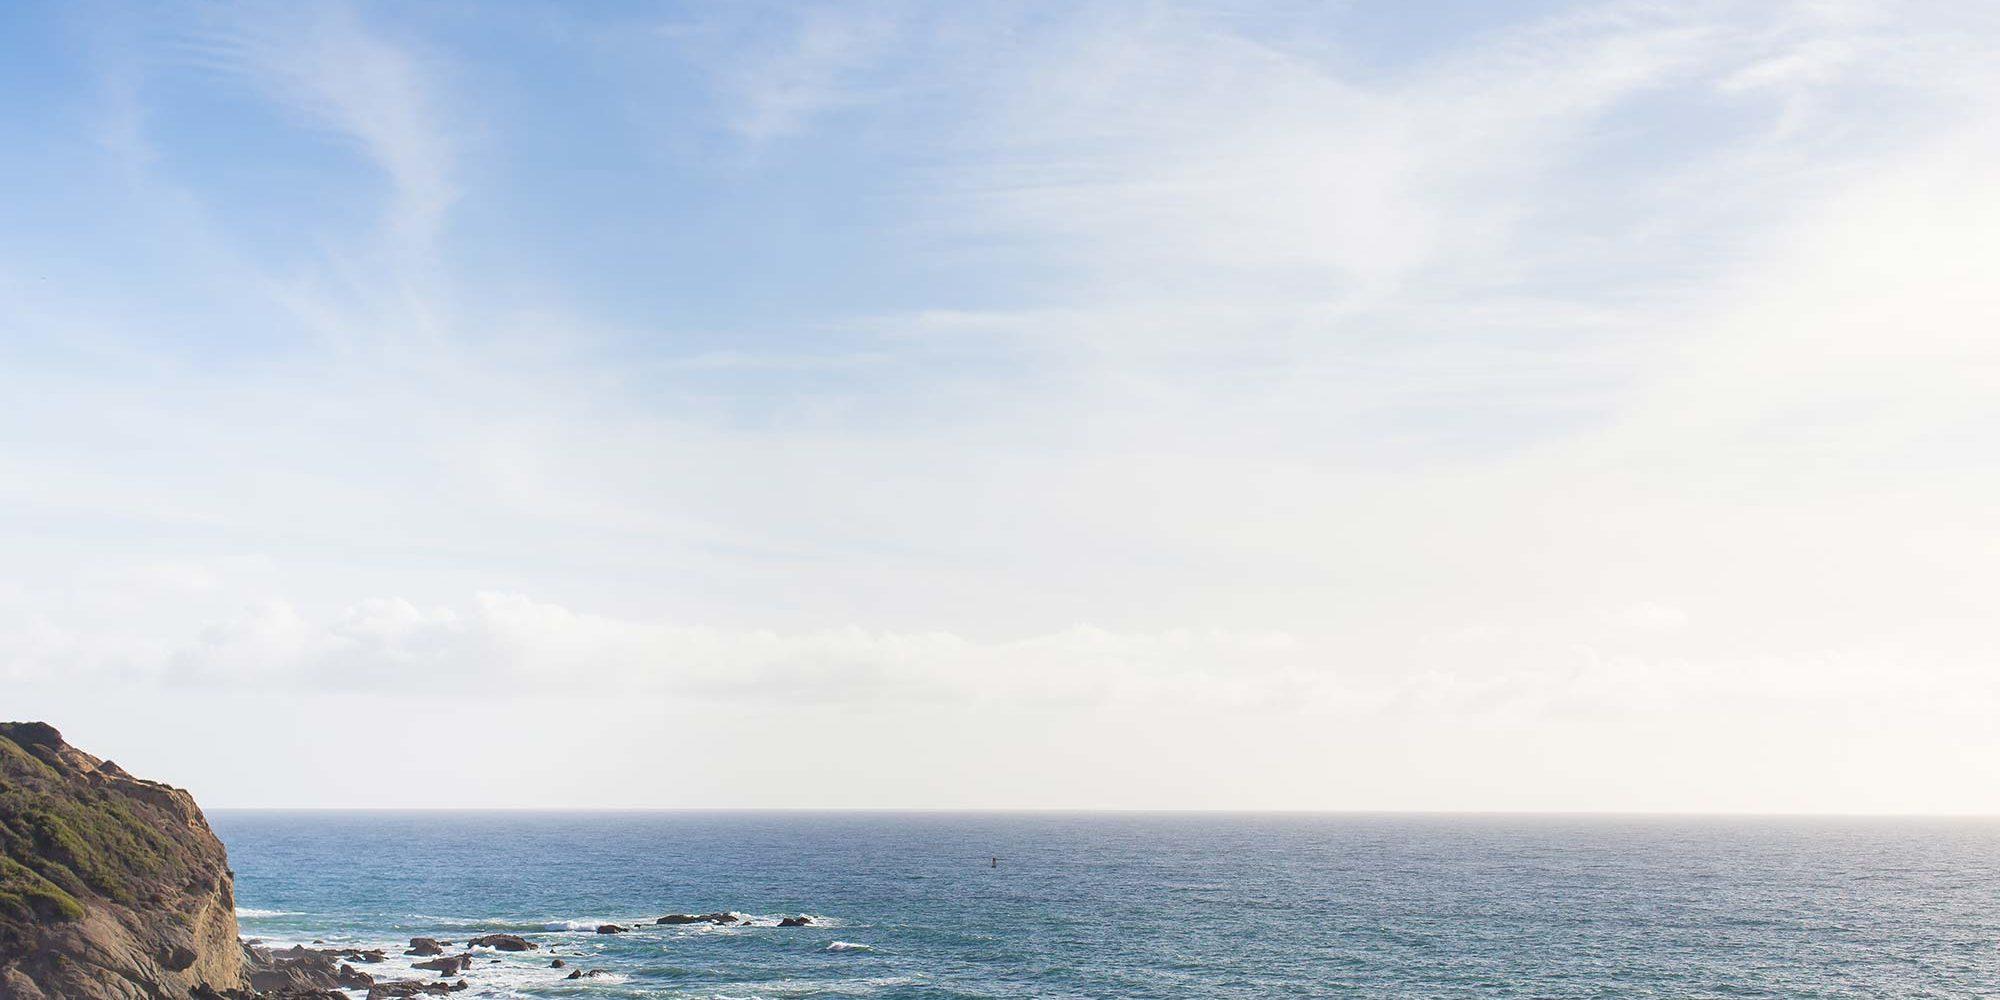 beach-view-ocean-view